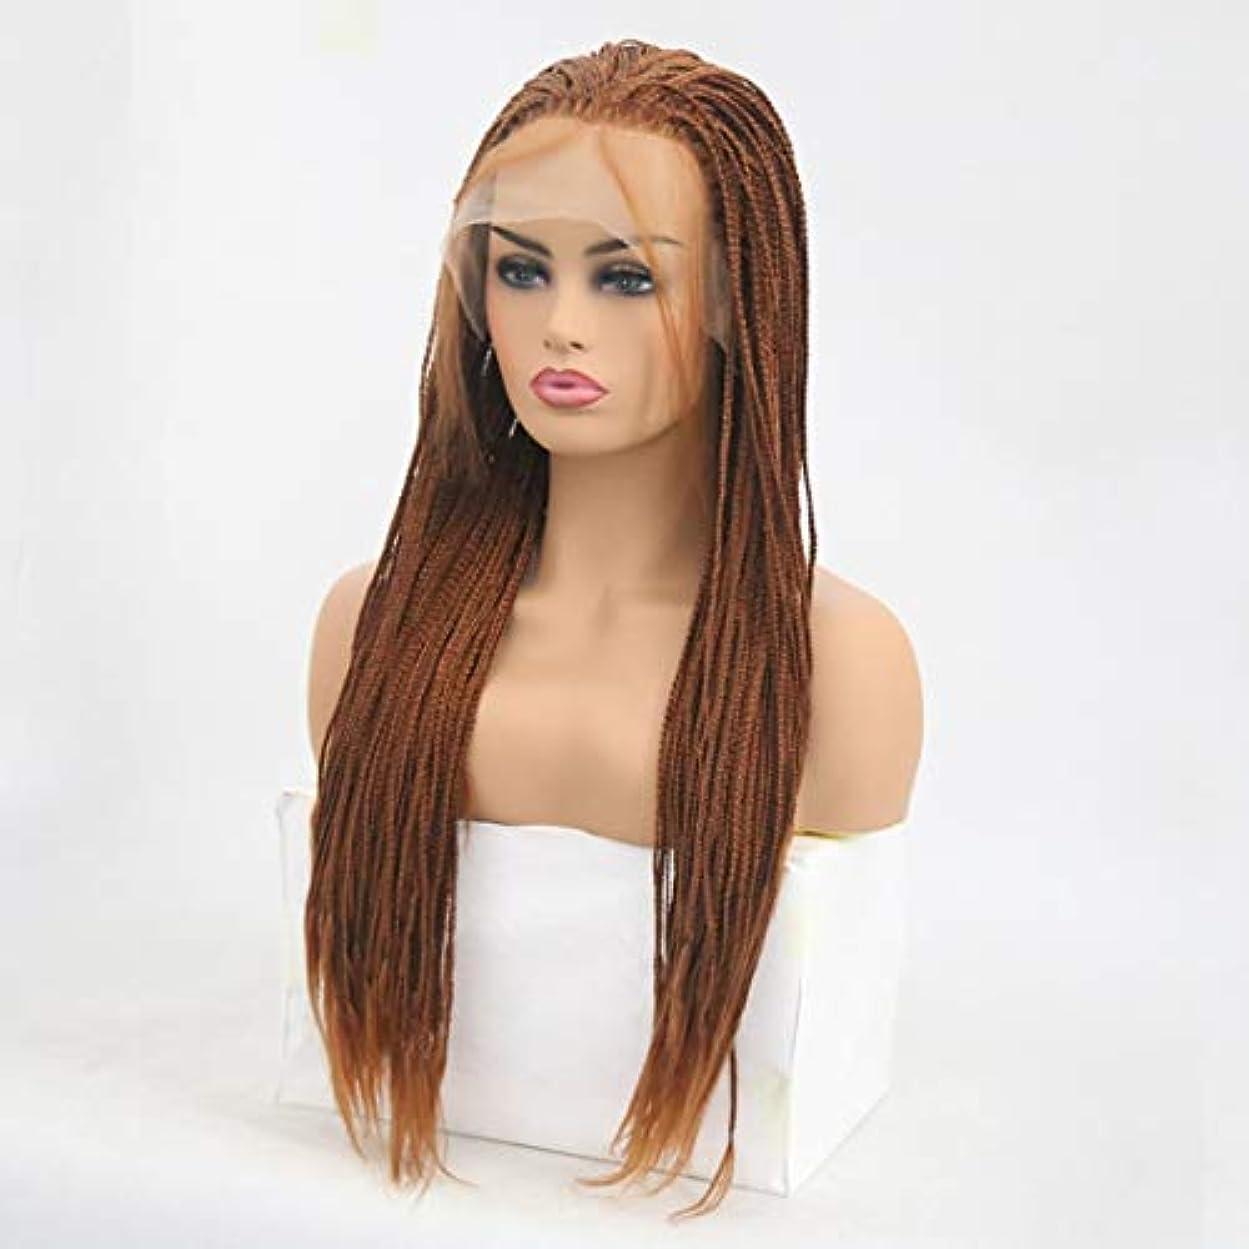 クラッシュちらつきガロンSummerys 女性のための前髪の髪のかつらで絹のような長いストレート黒かつら耐熱合成かつら (Size : 24 inches)